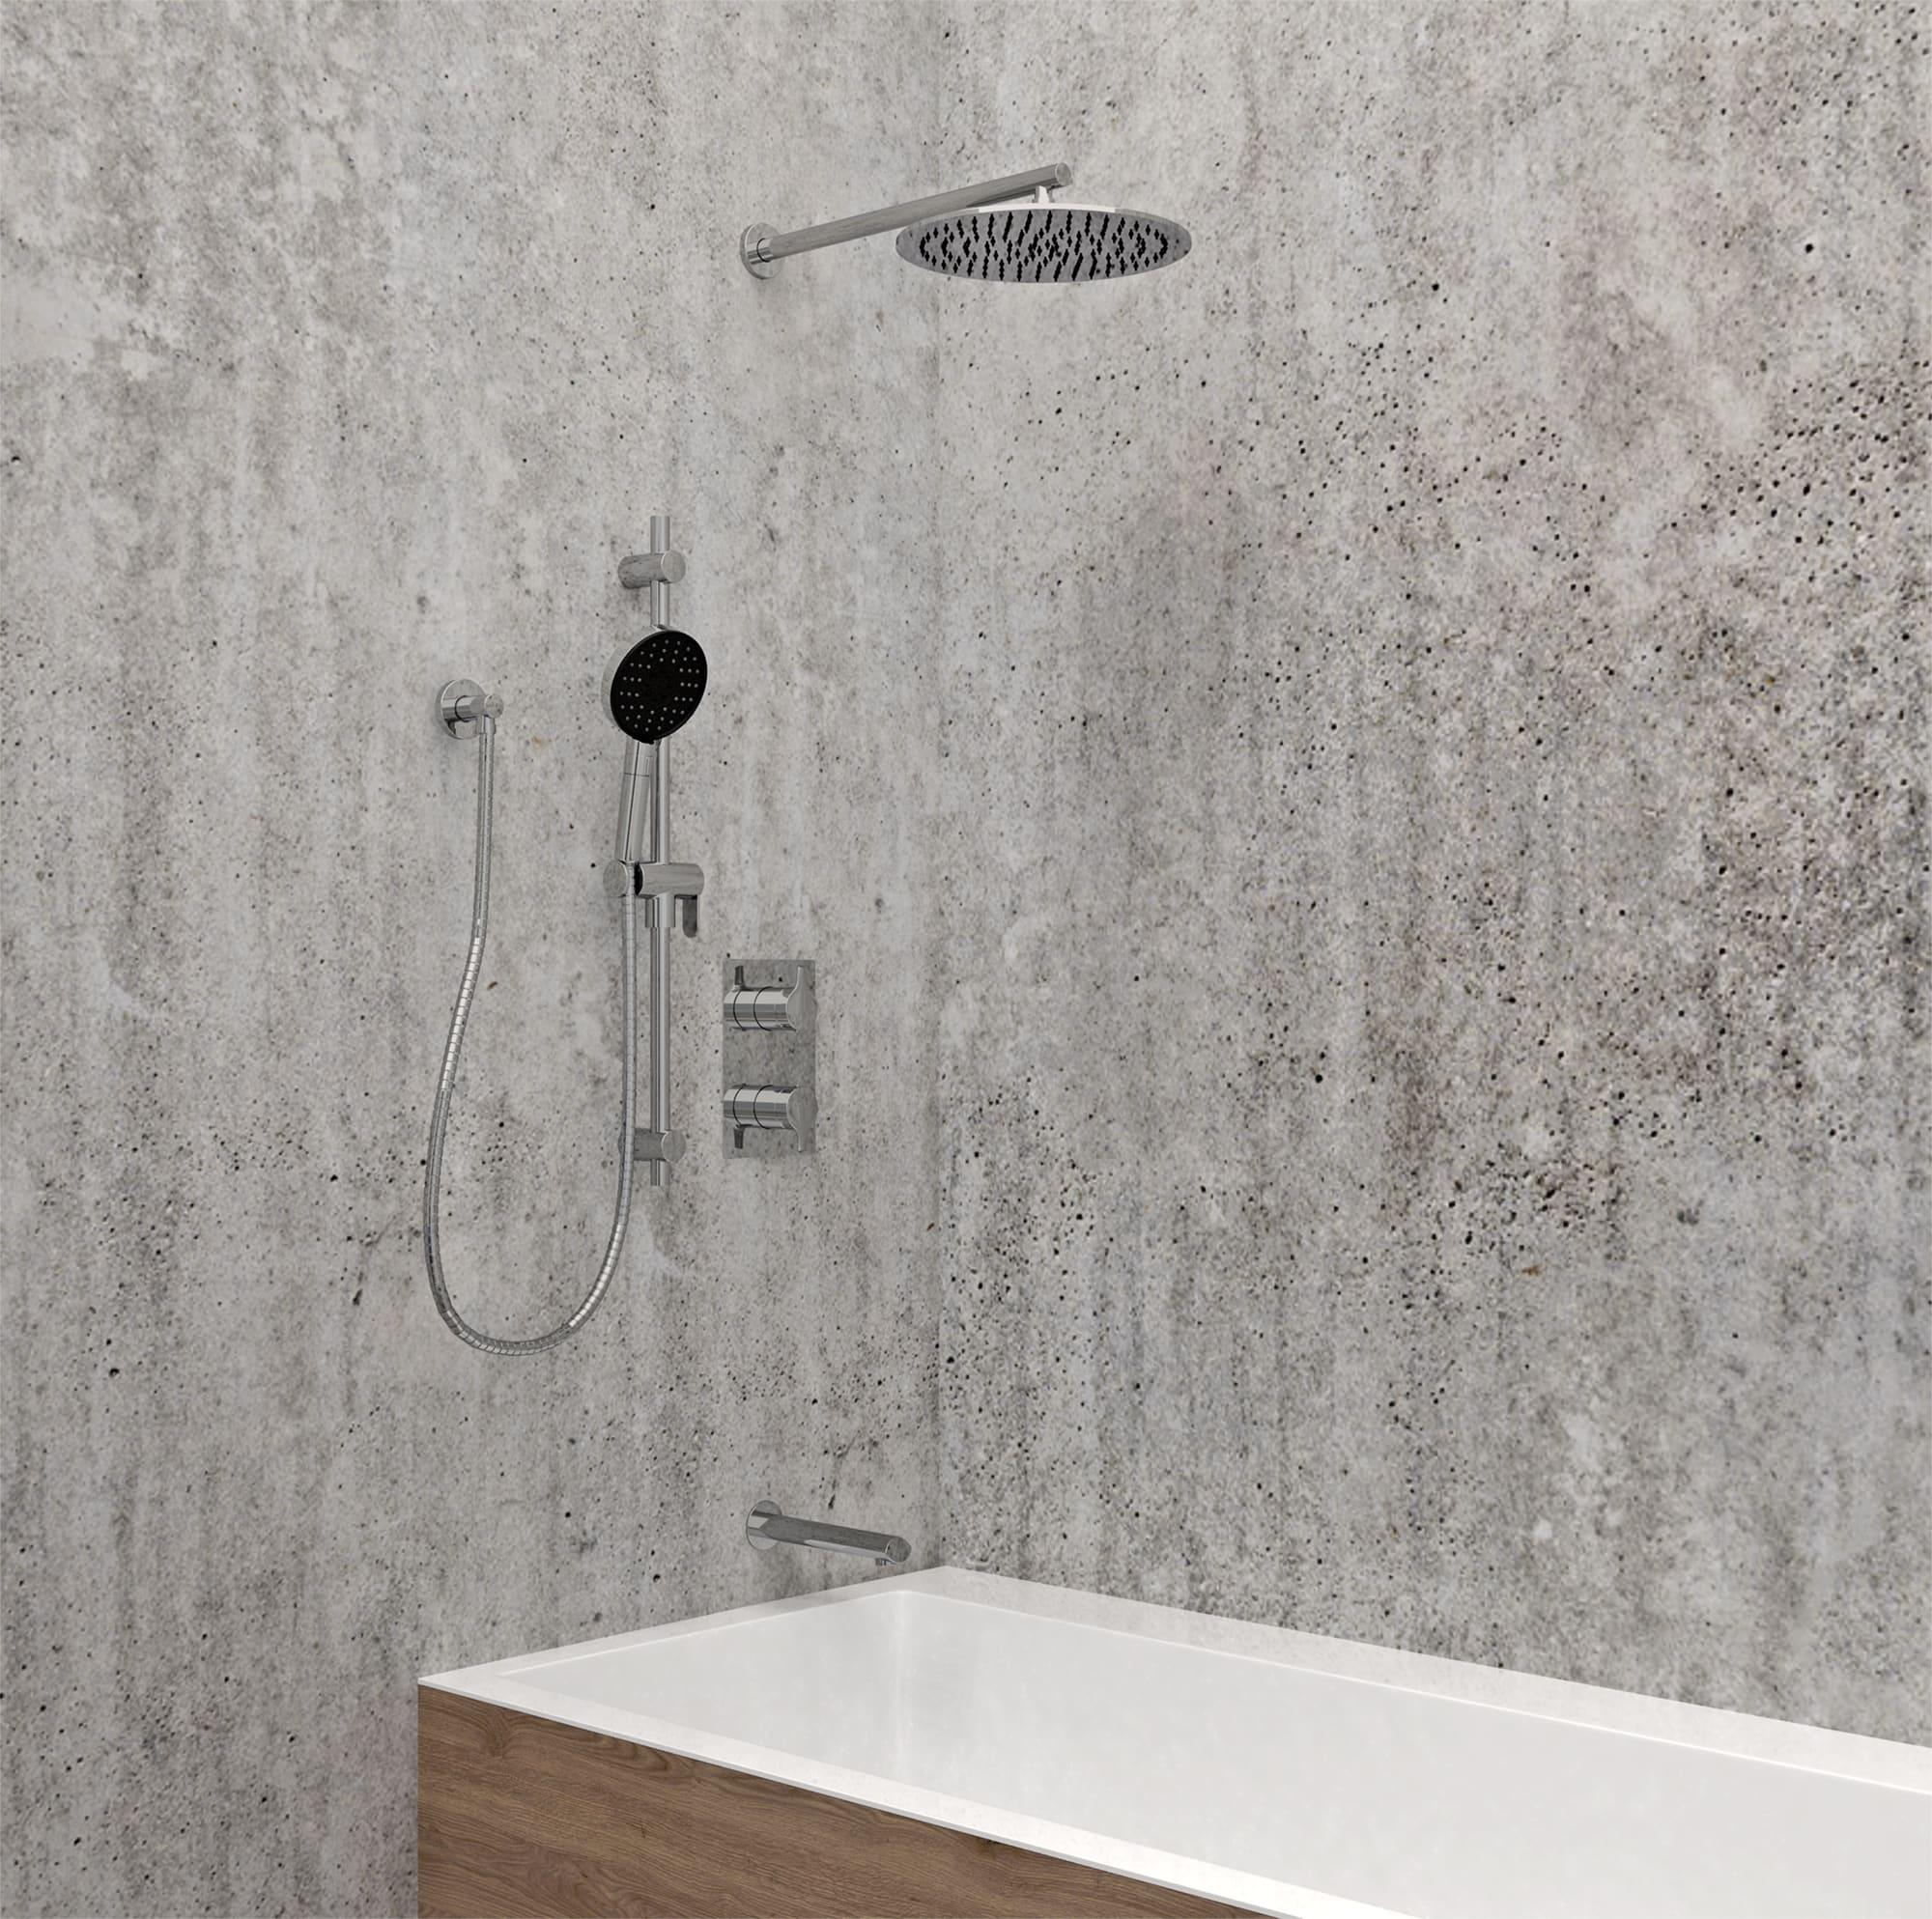 KIT-NOB160TS3TCP Robinet de douche chrome poli avec mur fini pierre, et bain.